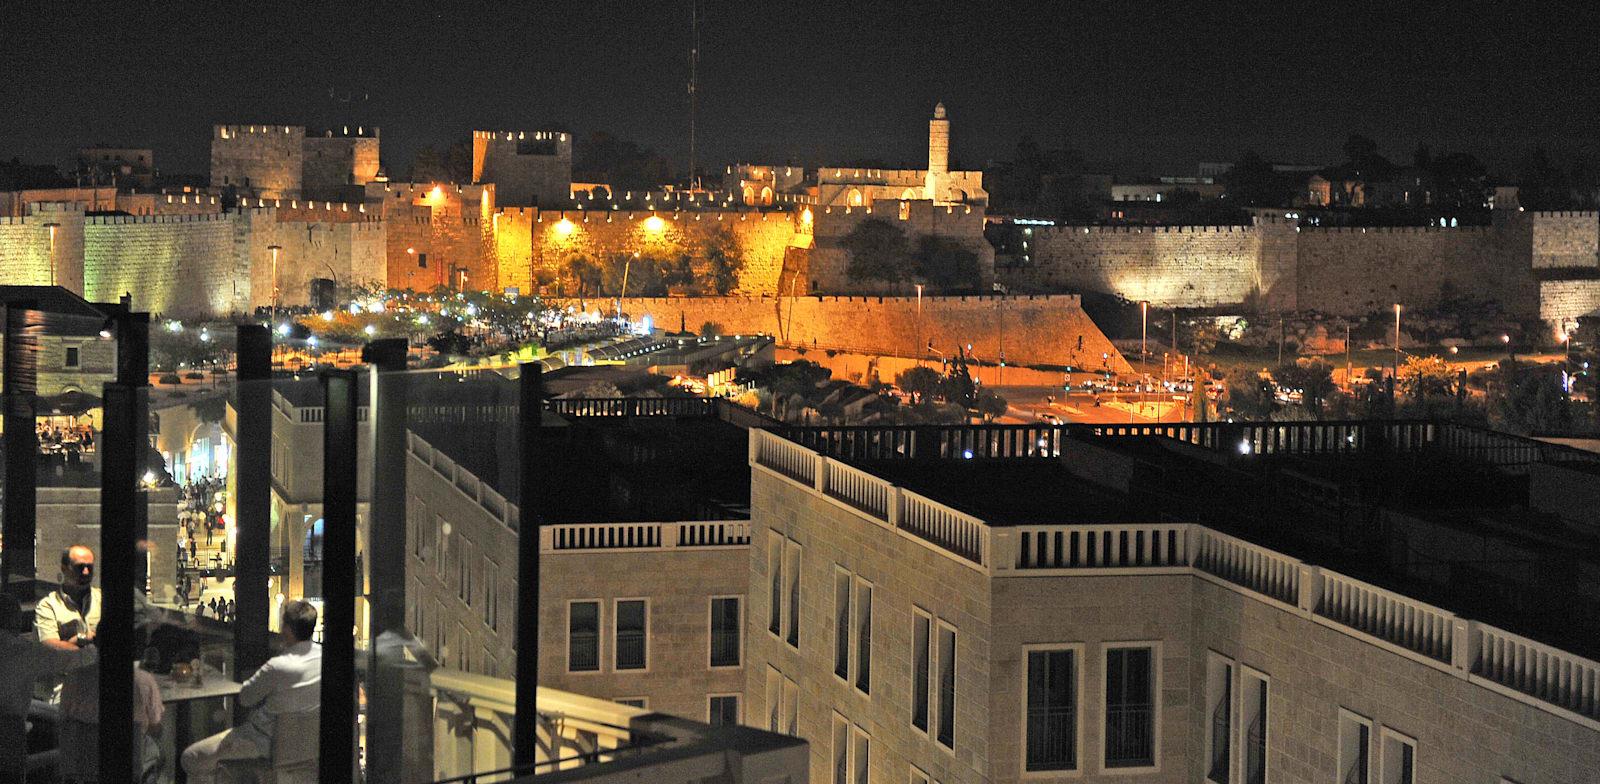 ירושלים. אפשר גם אחרת / צילום: תמר מצפי